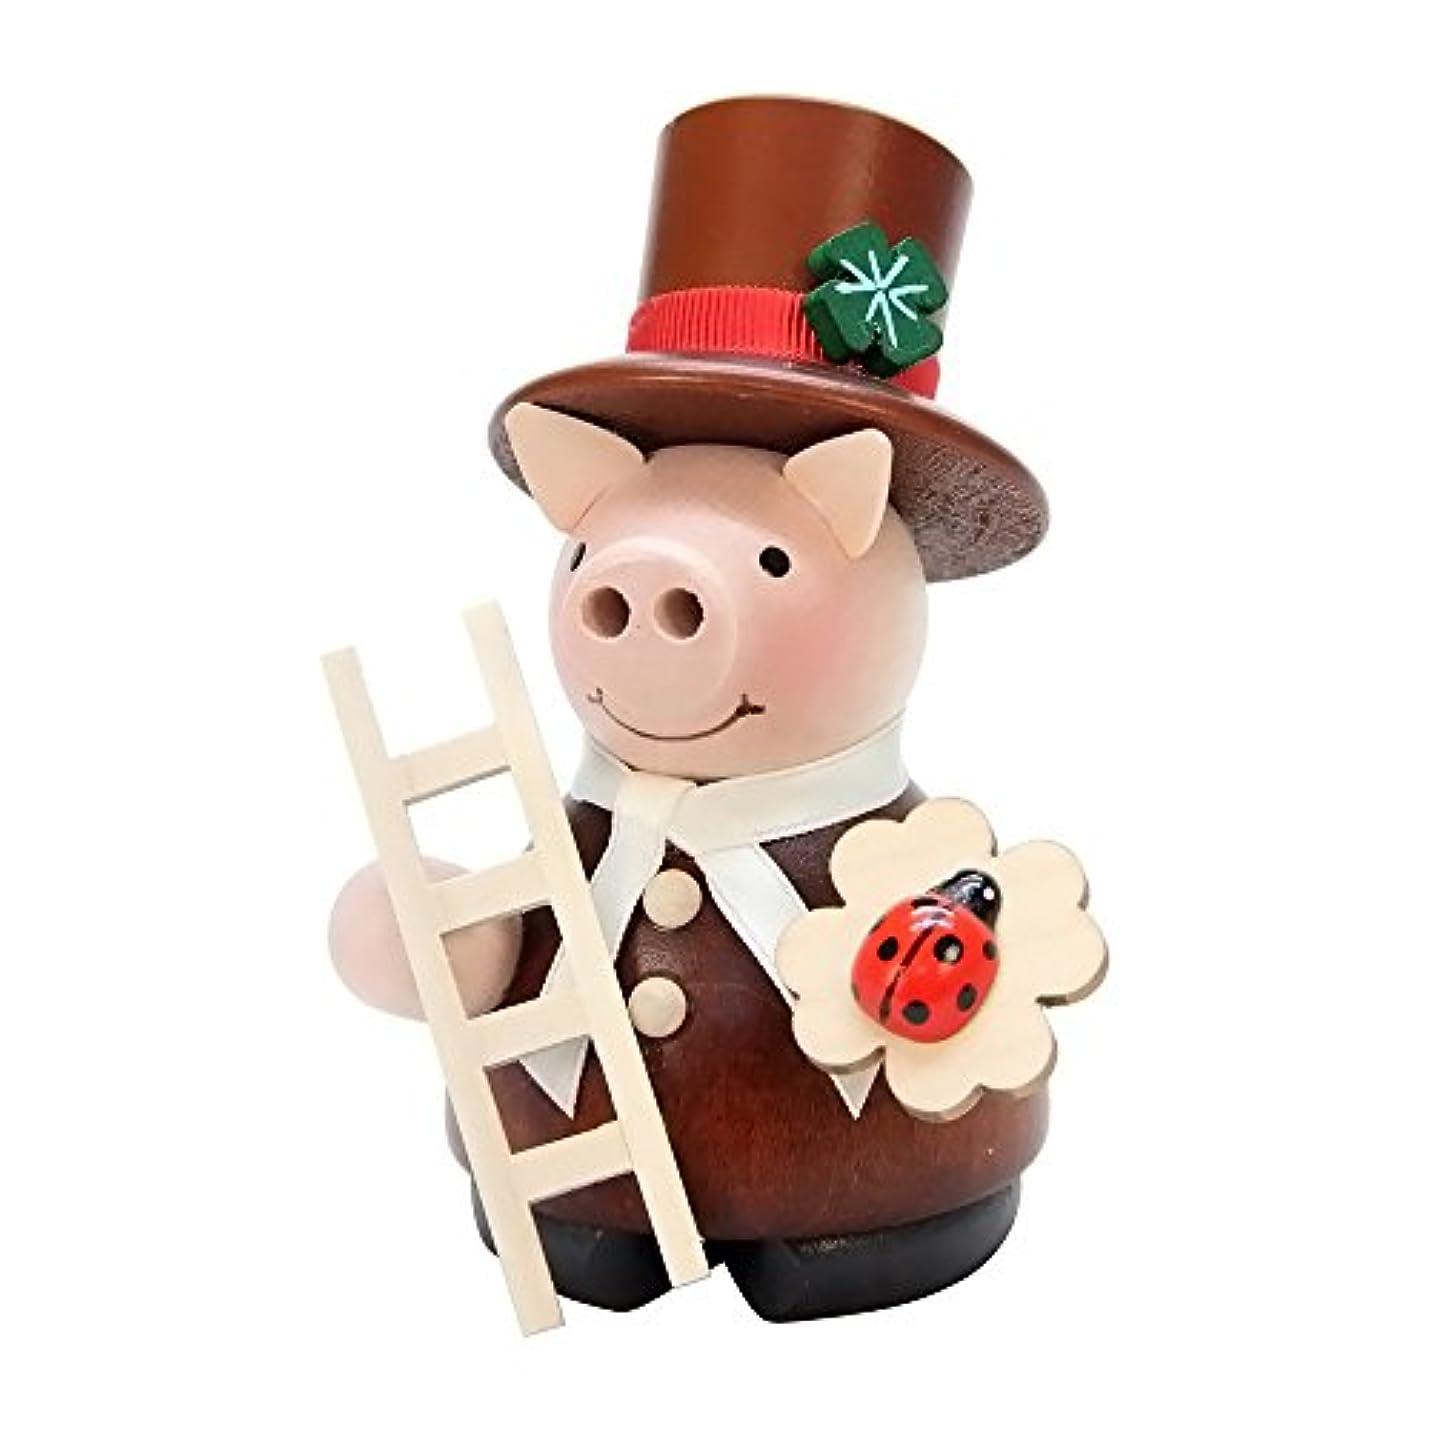 局リース流産(One size, Multi) - Christian Ulbricht Incense Burner - Lucky Pig Chimney Sweep - 4.5H x 3W x 3D